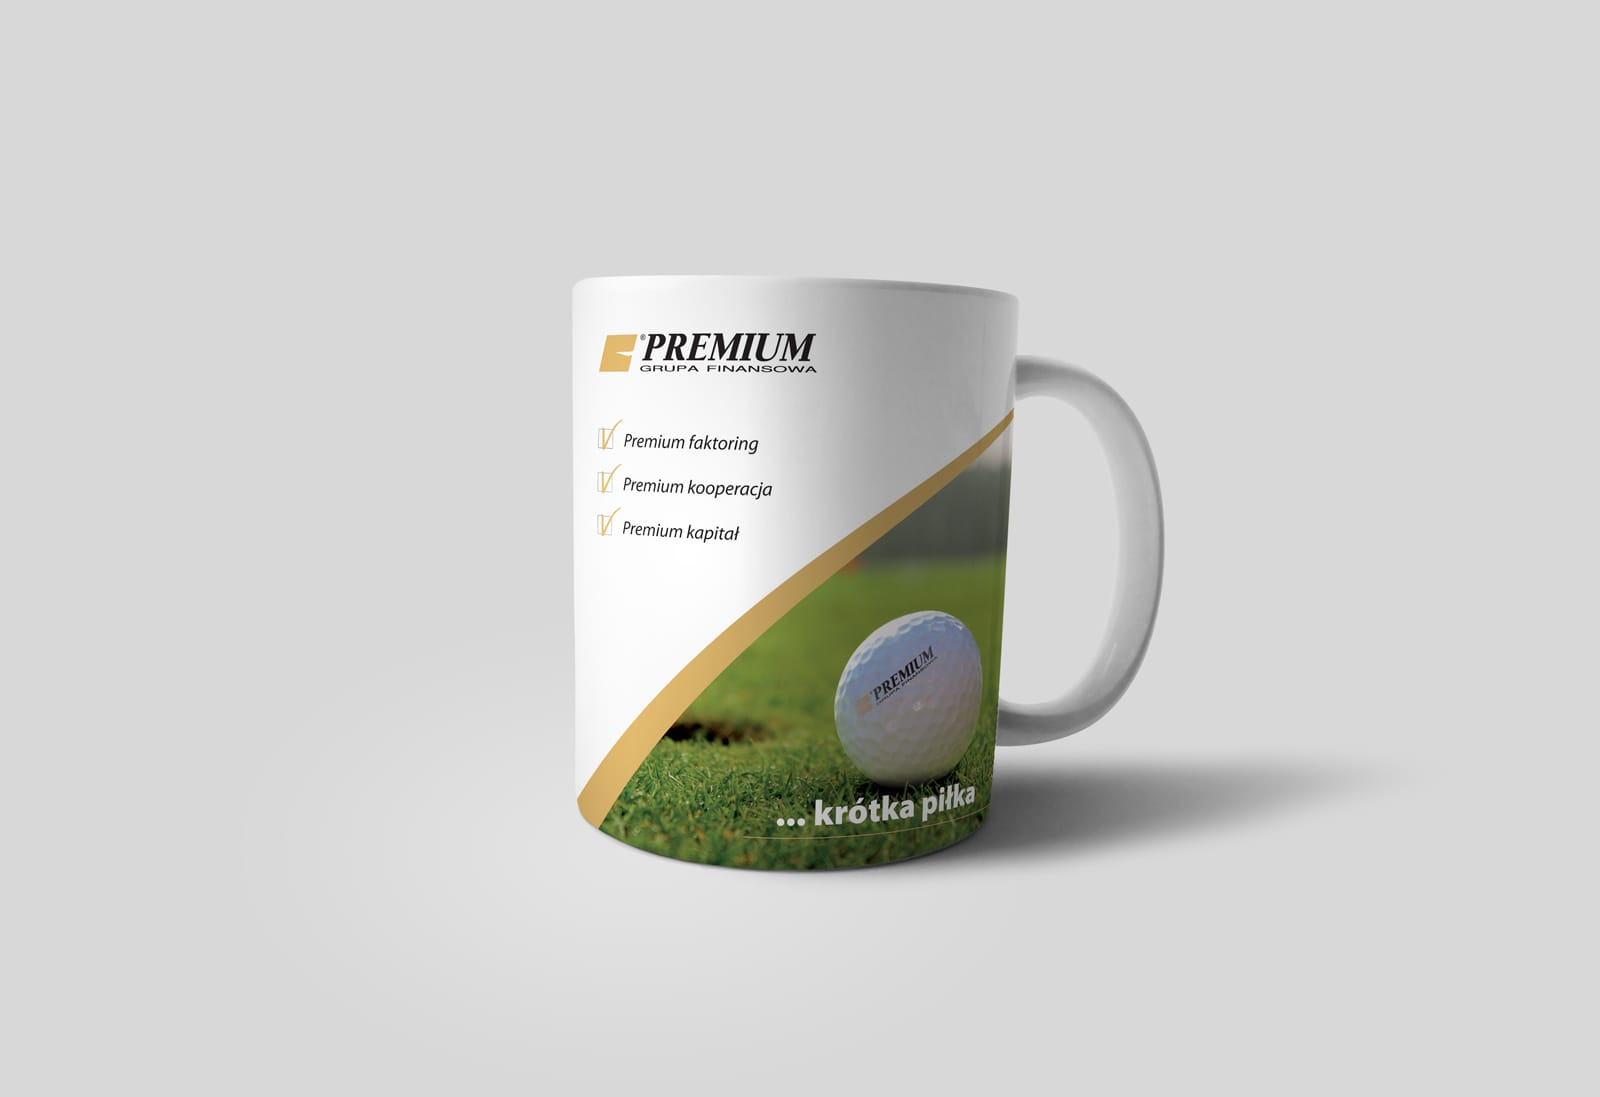 Grupa Finansowa Premium SA kubki reklamowe